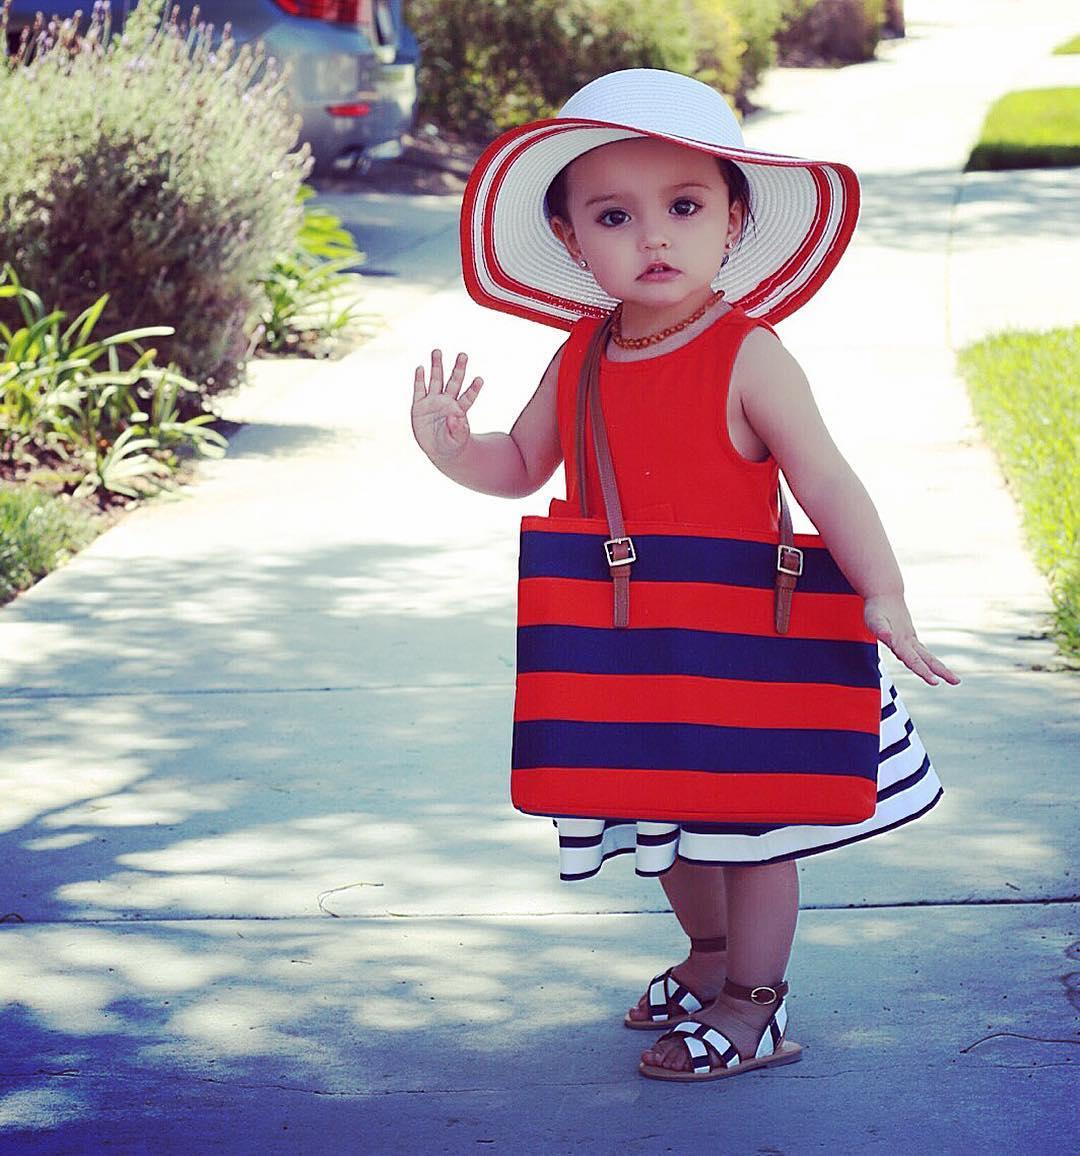 c9711001 Niña mini fashionista usando un vestido color rojo, bolso de rayas azules y  rojas y